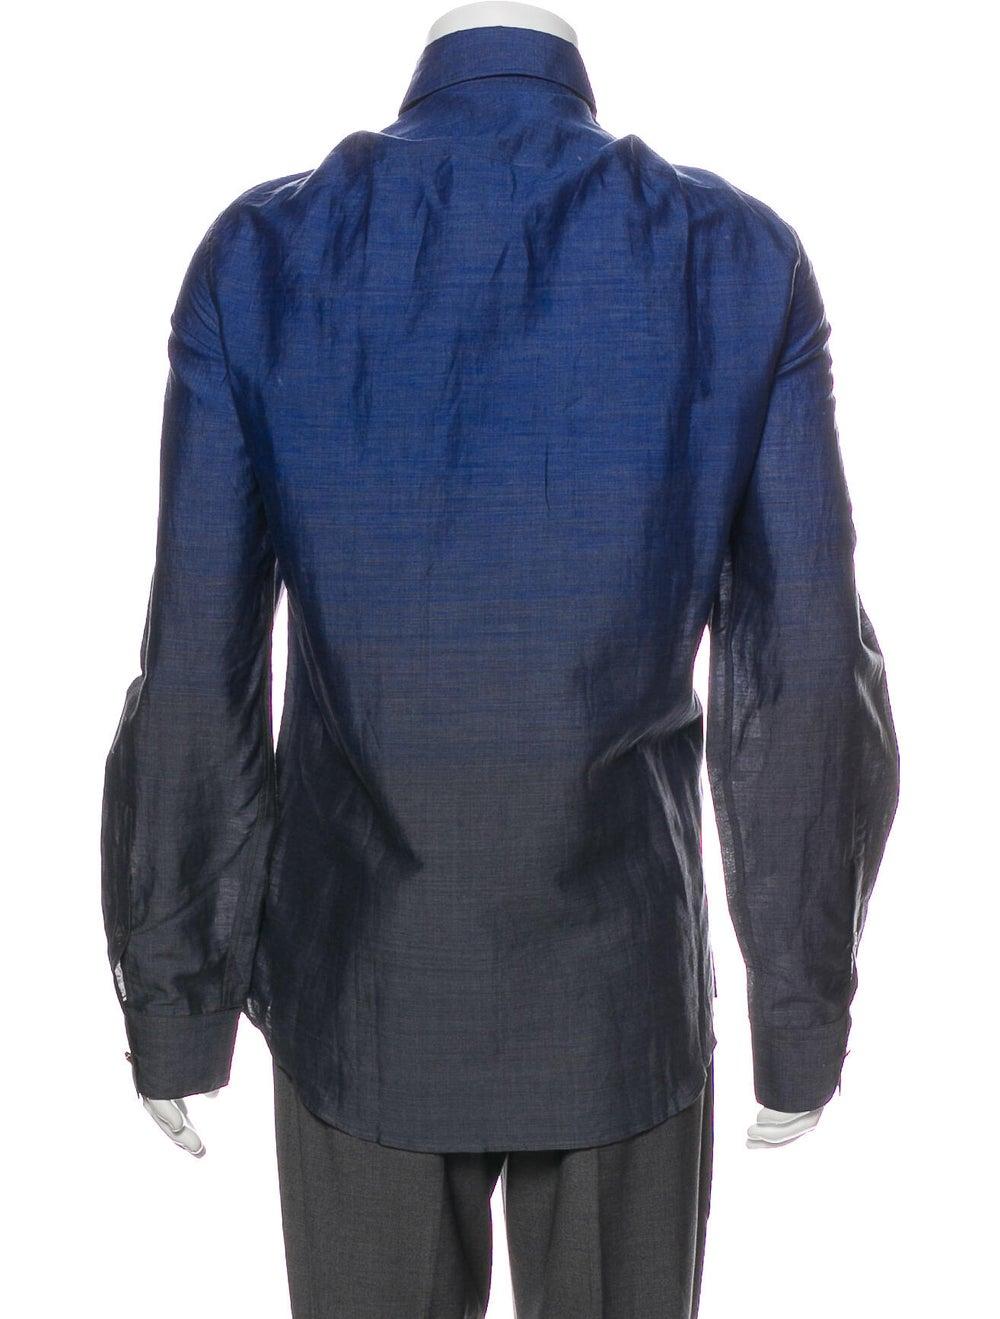 Versace Ombre Linen Dress Shirt Blue - image 3